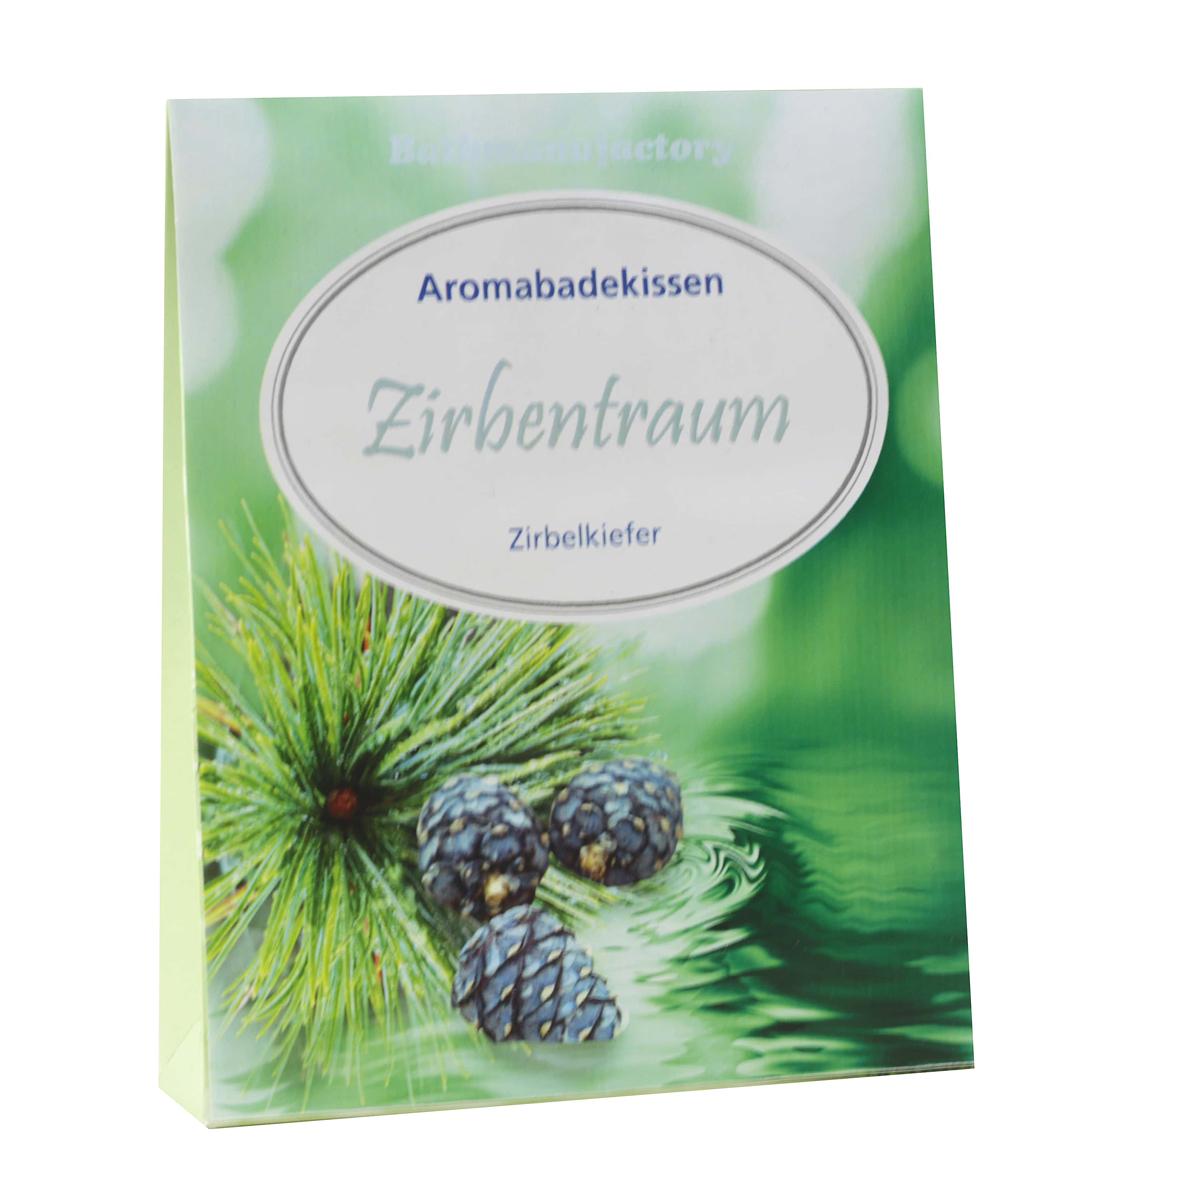 Aromabadekissen Zirbentraum